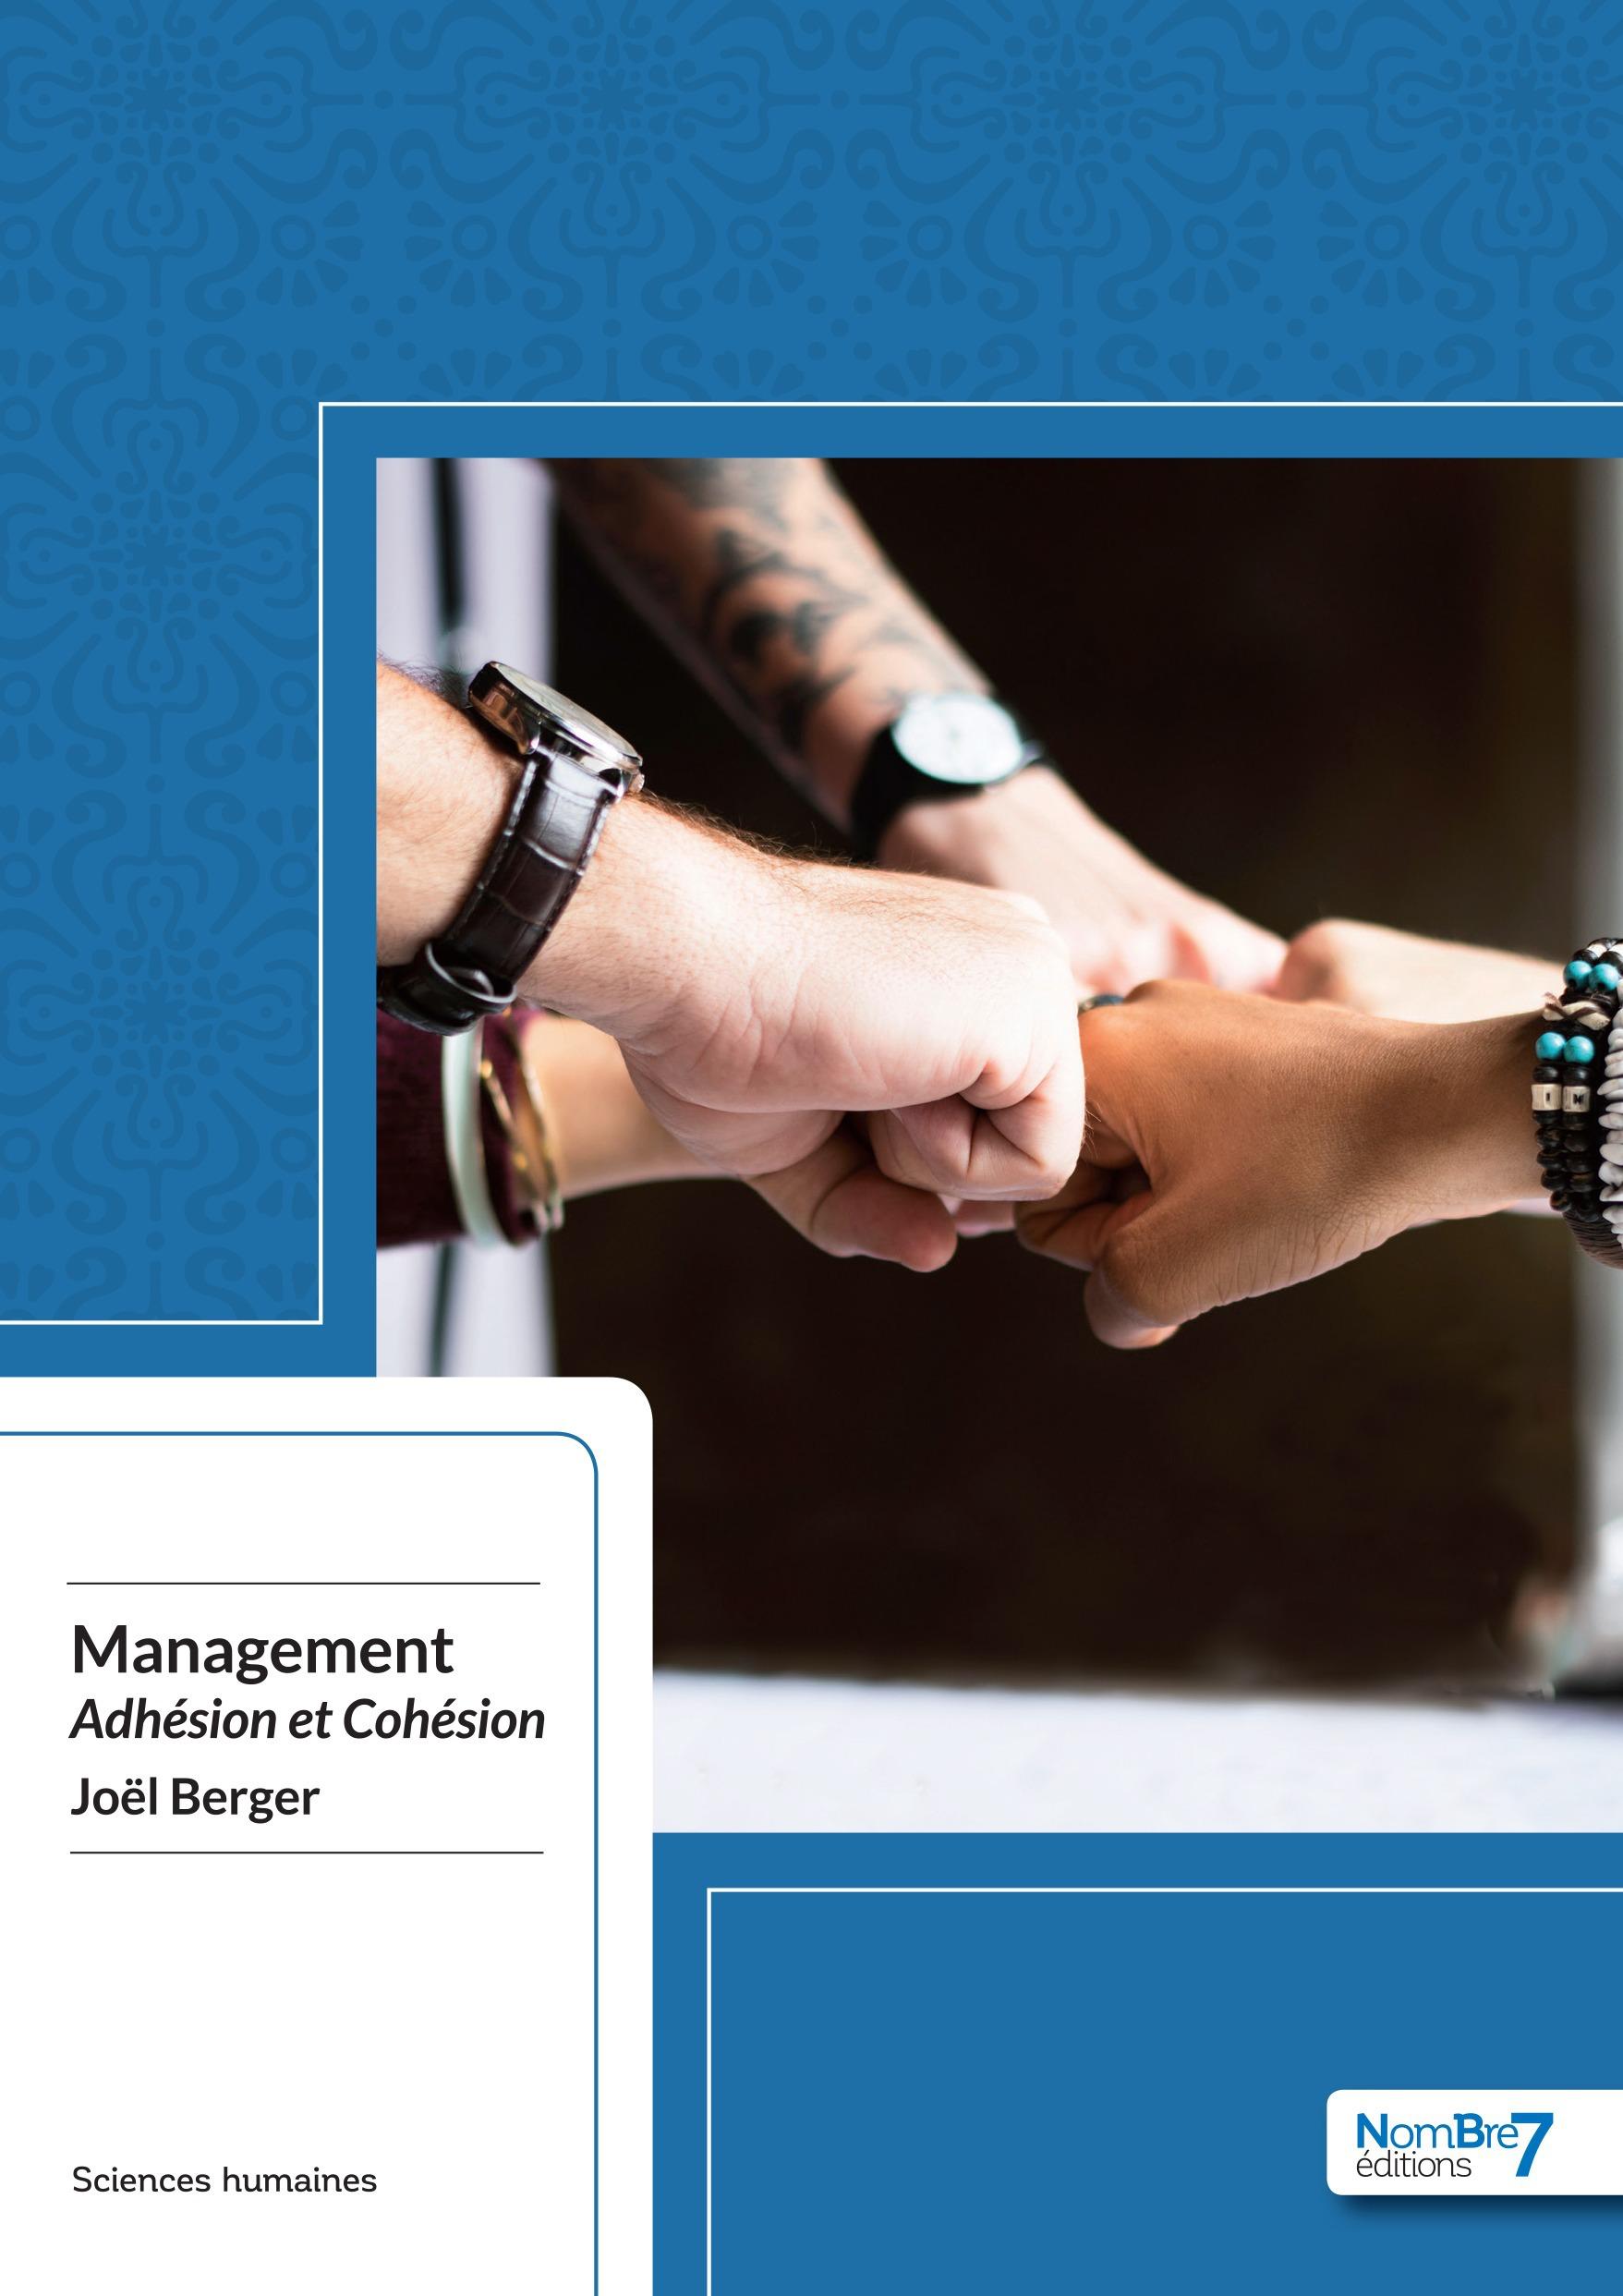 Management : adhesion et